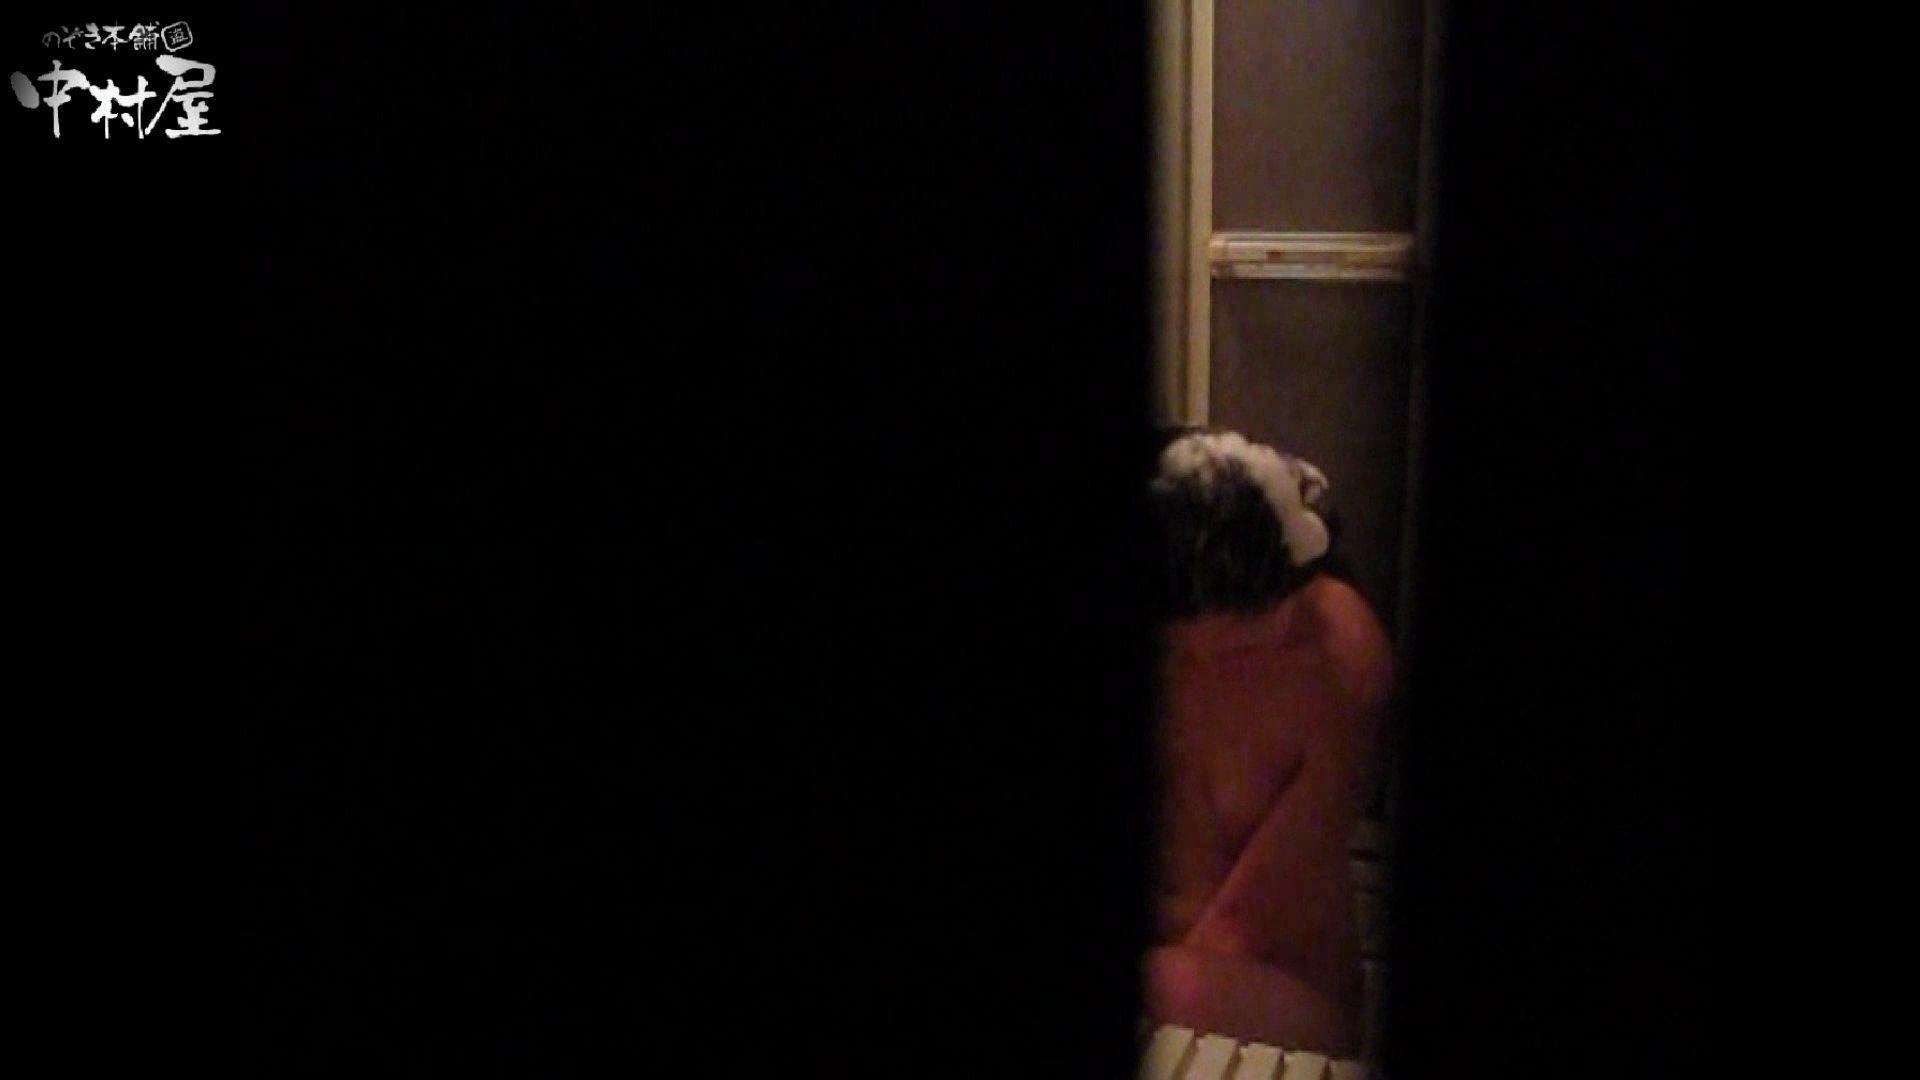 民家風呂専門盗撮師の超危険映像 vol.004 OLのエロ生活 セックス画像 99連発 38